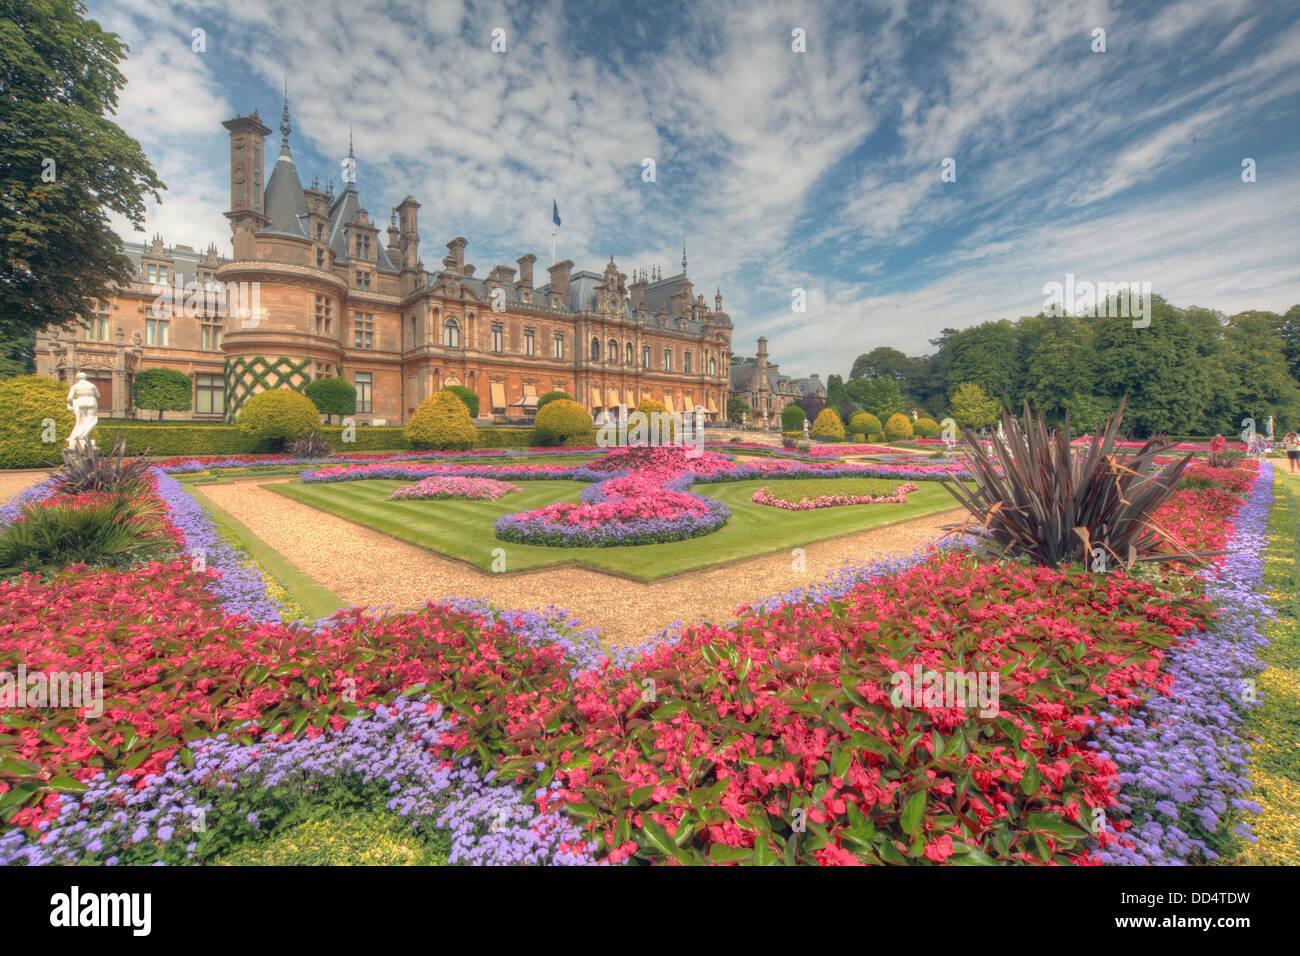 Laden Sie dieses Alamy Stockfoto Panorama von Waddesdon Manor, Buckinghamshire, England - DD4TDW